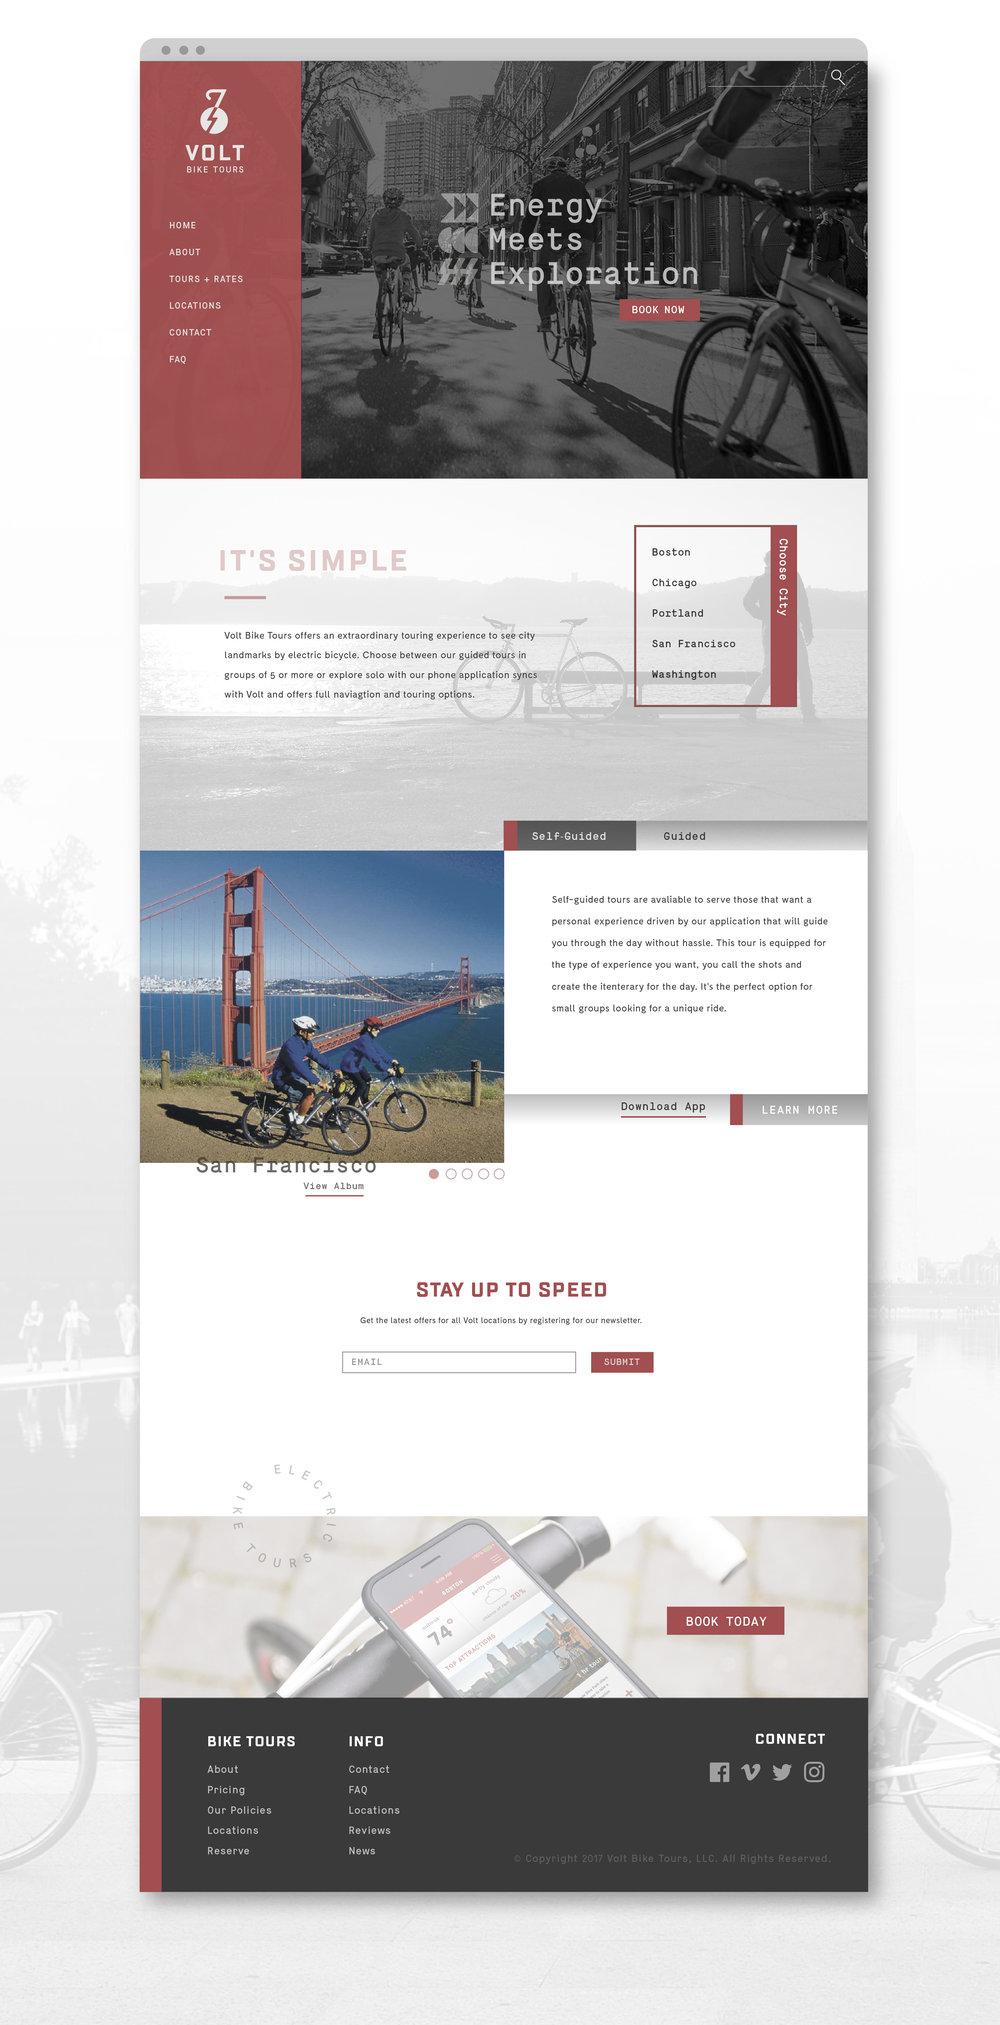 VBT-web-edited2-06.jpg